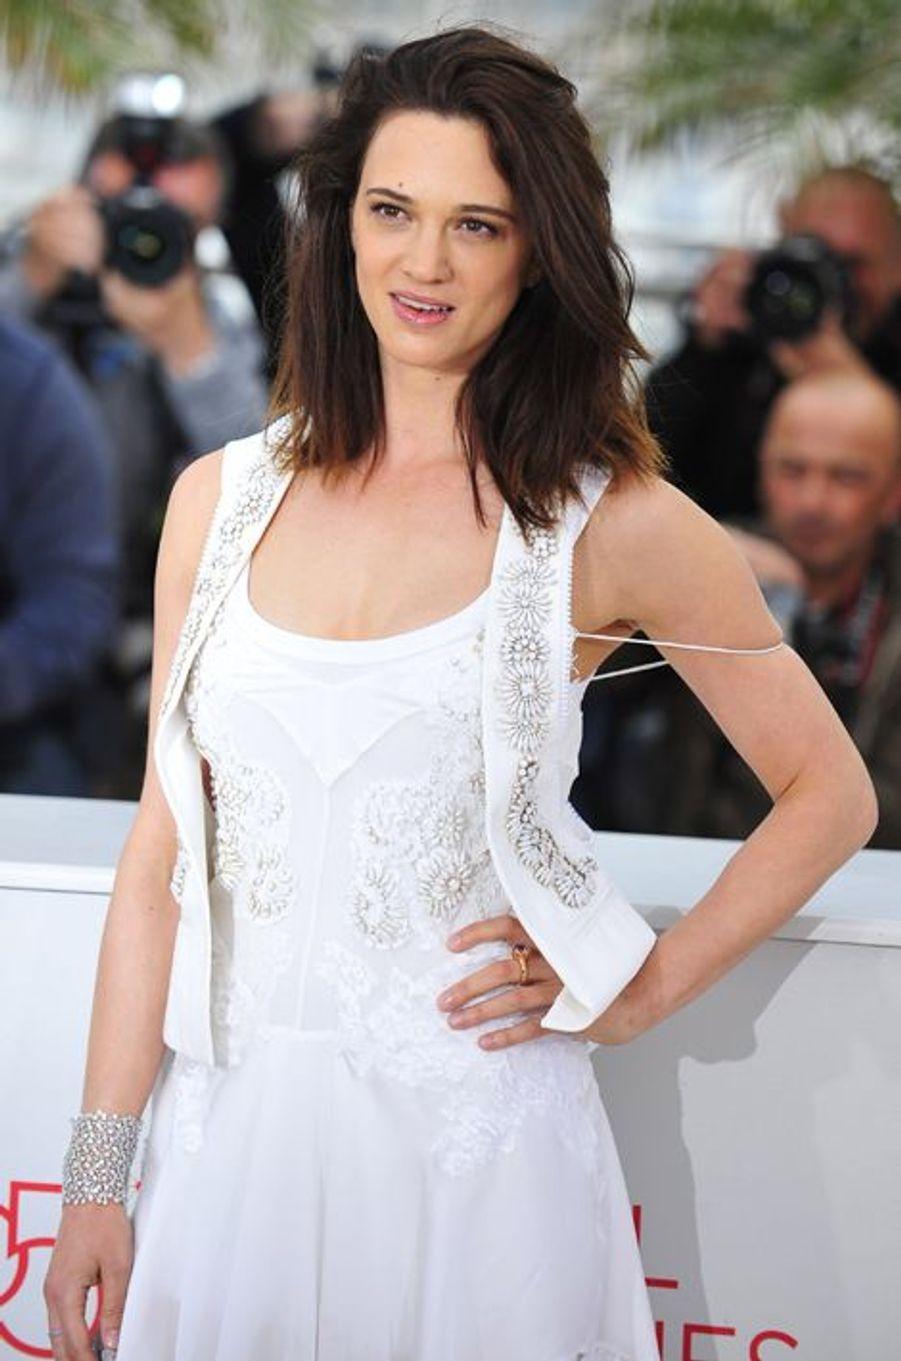 Après avoir dévoilé son premier long métrage en 2000 («Scarlet Diva»), la comédienne de 39 ans est repassée derrière la caméra en 2004 pour «Le livre de Jérémie» puis, plus récemment, pour «L'incomprise». Le film, dans lequel Charlotte Gainsbourg tient le premier rôle, avait été présenté au Festival de Cannes 2014 dans la section Un Certain Regard.